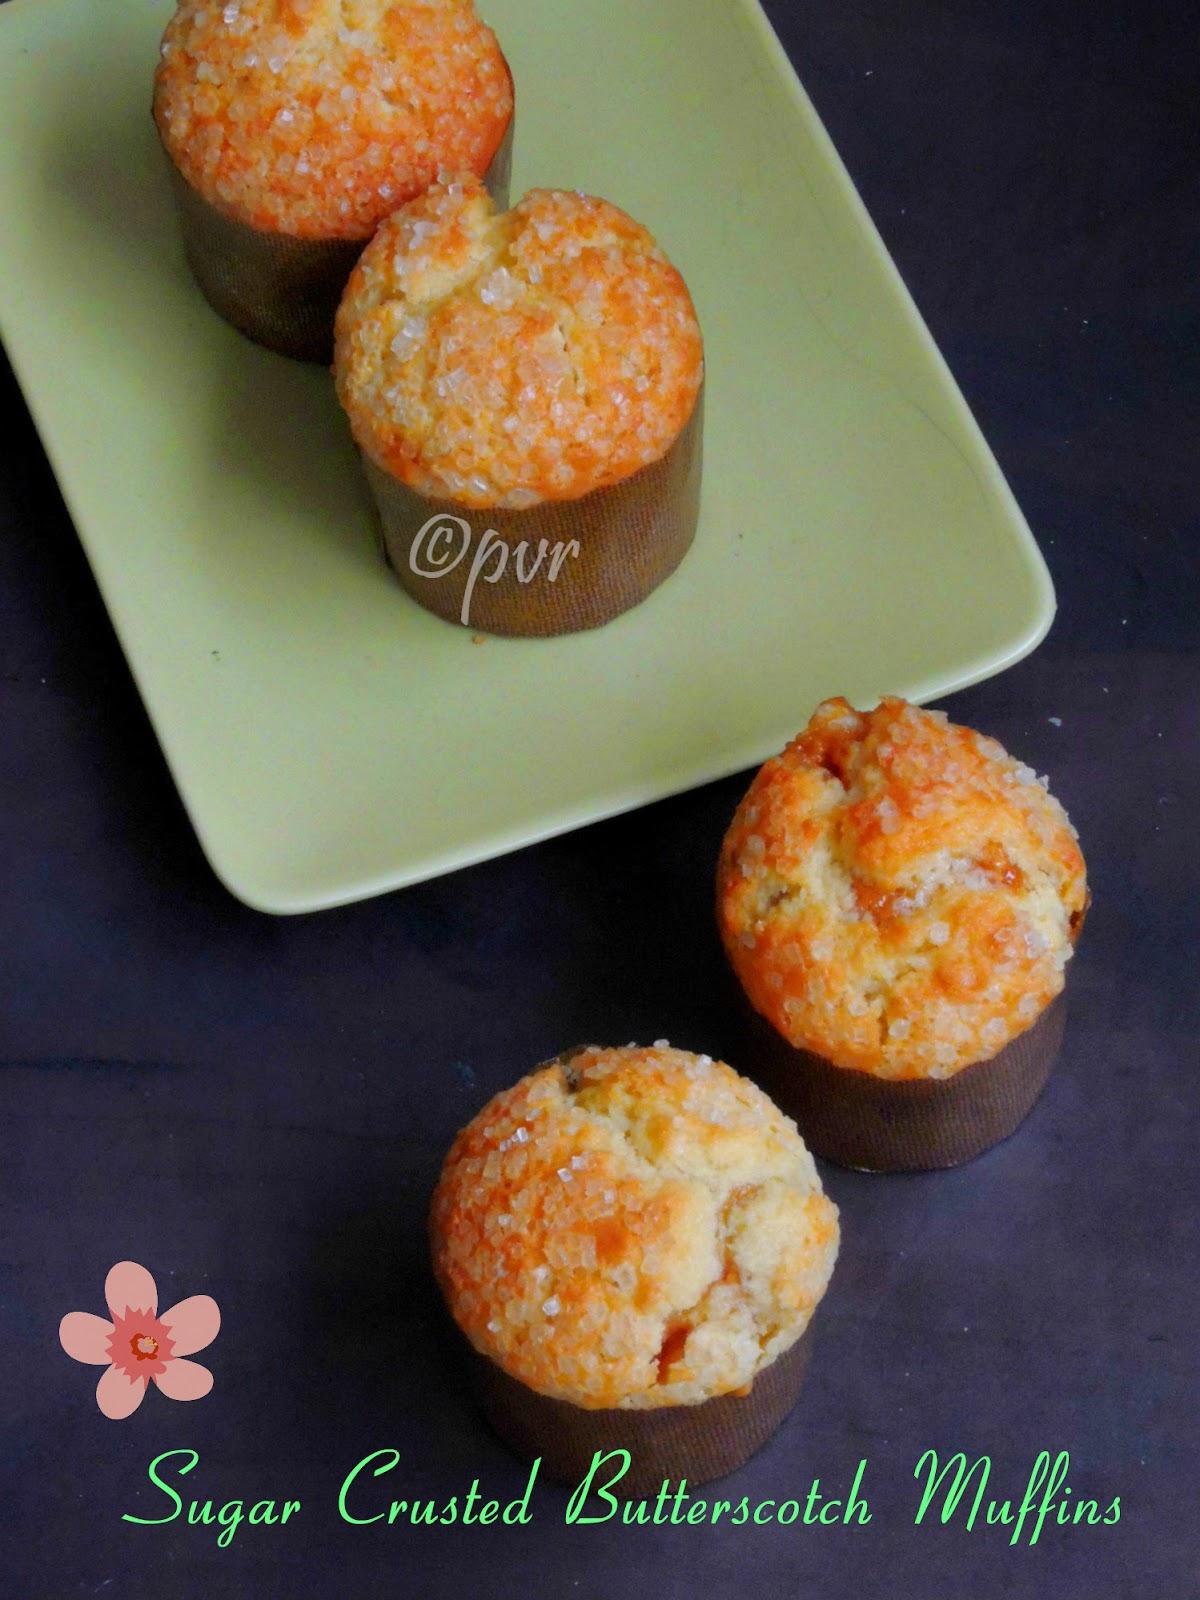 Butterscotch Muffins with sugar crust